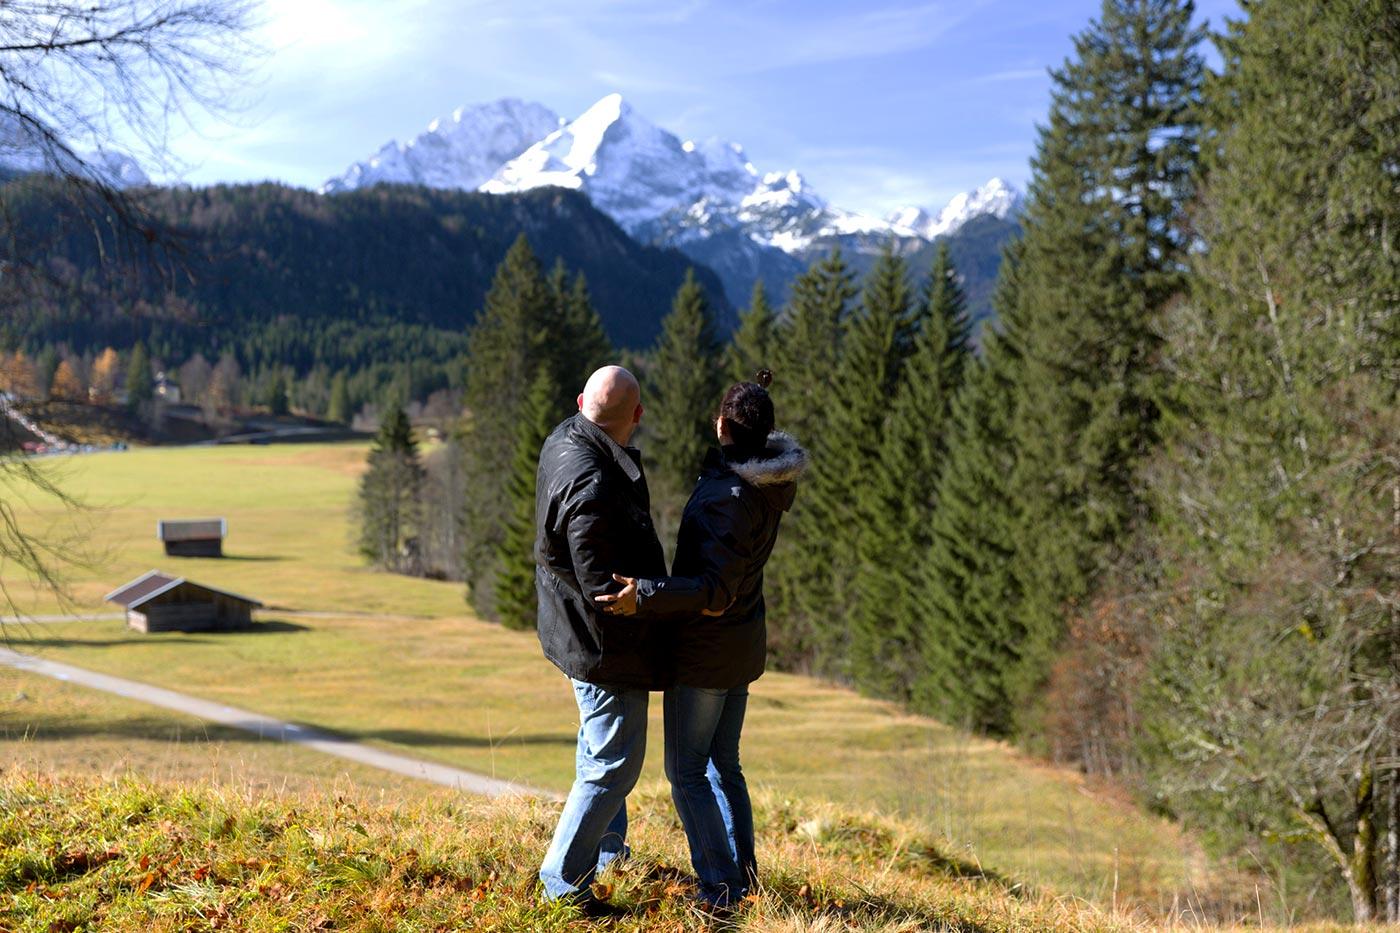 Blick auf Wetterstein-Gebirge am Schloss Elmau.